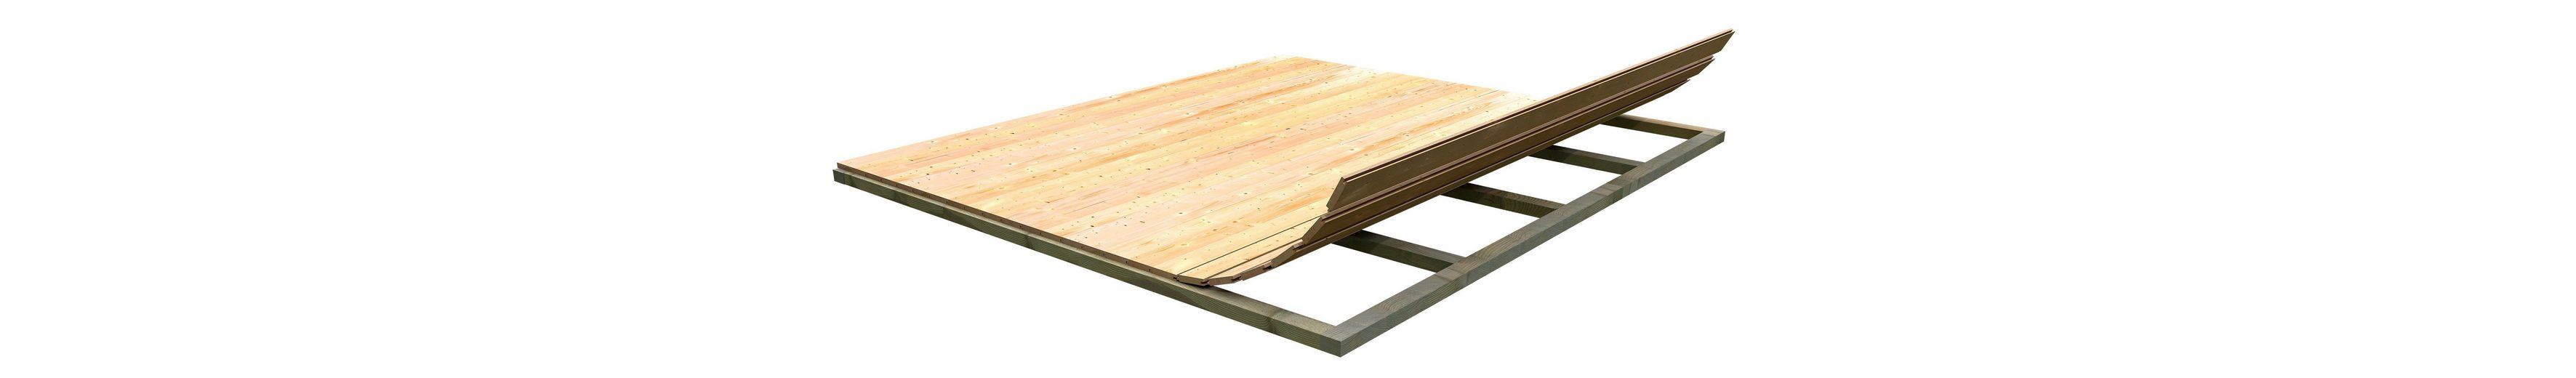 Fußboden für Gartenhäuser, BxT: 370 x 370 cm